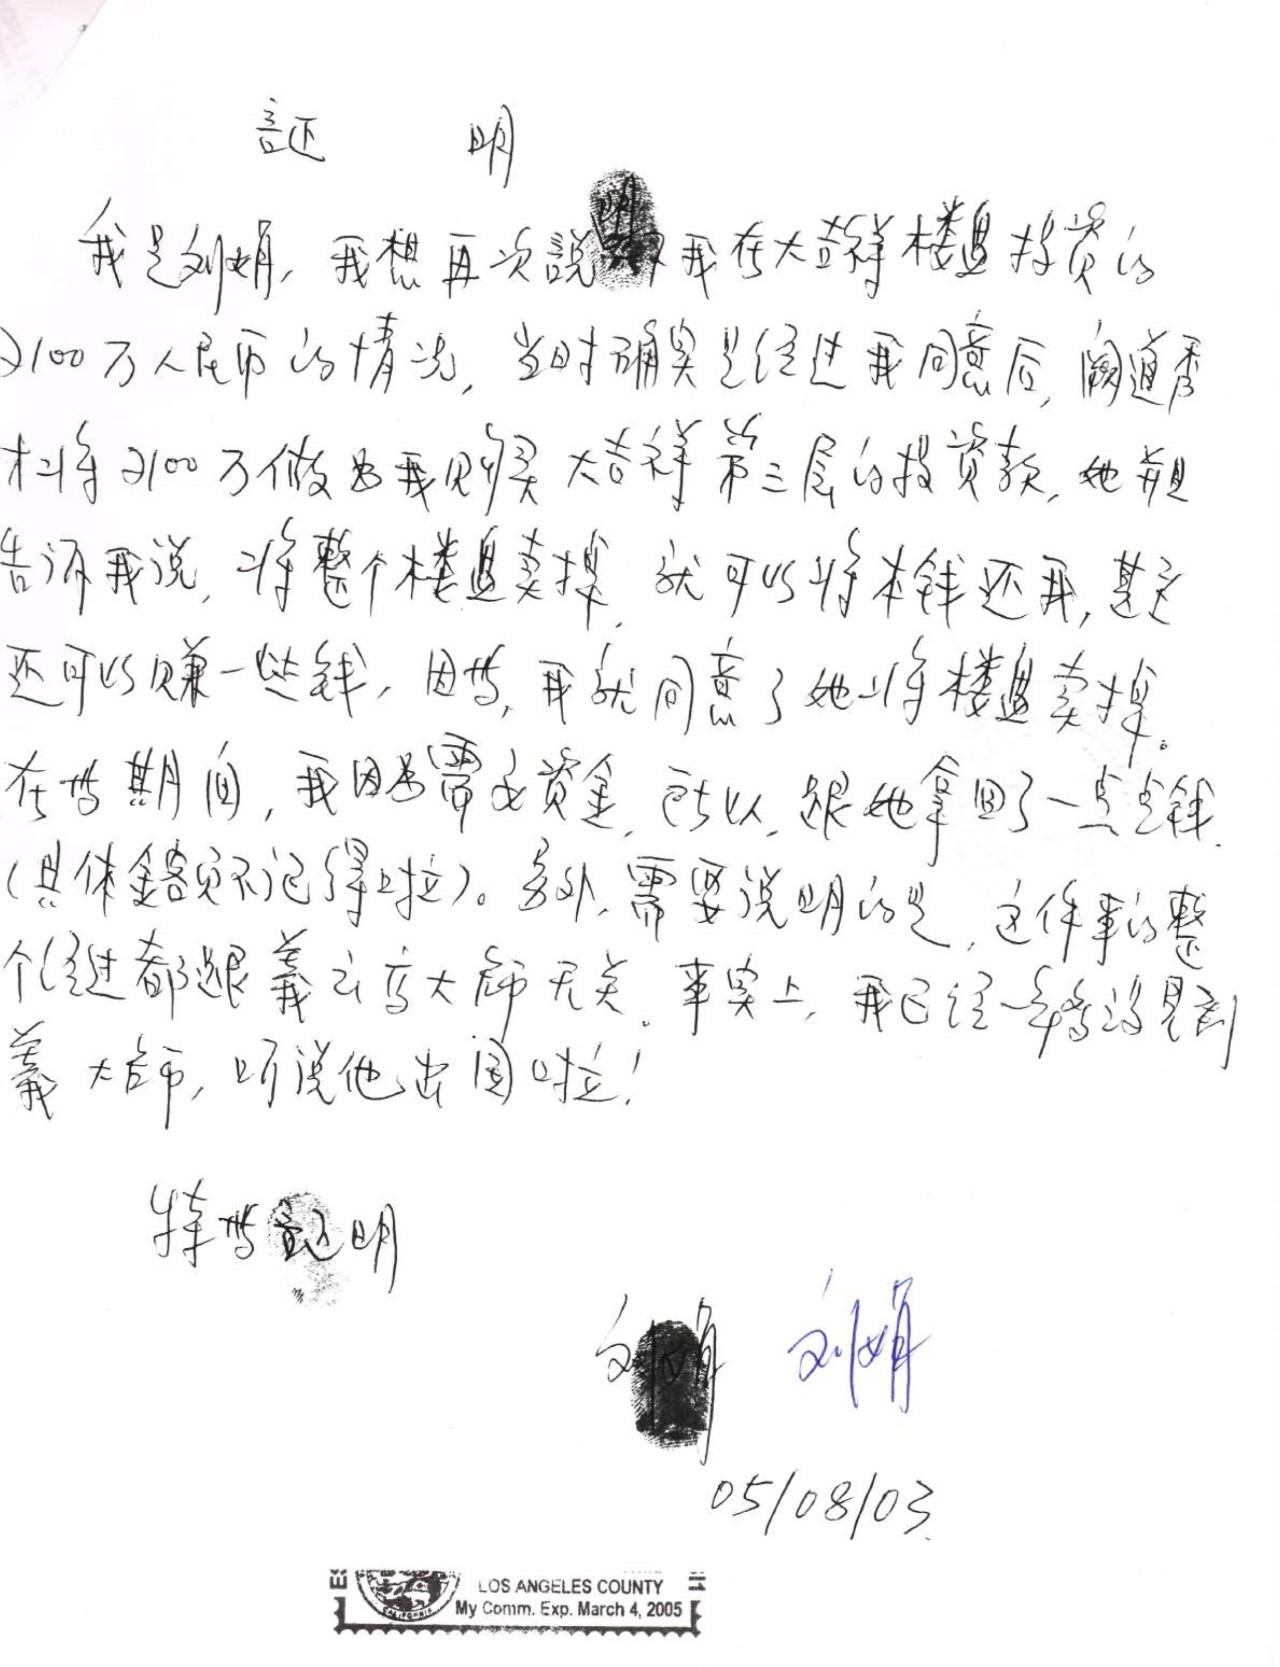 周永康陈绍基陷害第三世多杰羌佛真相曝光 第25张